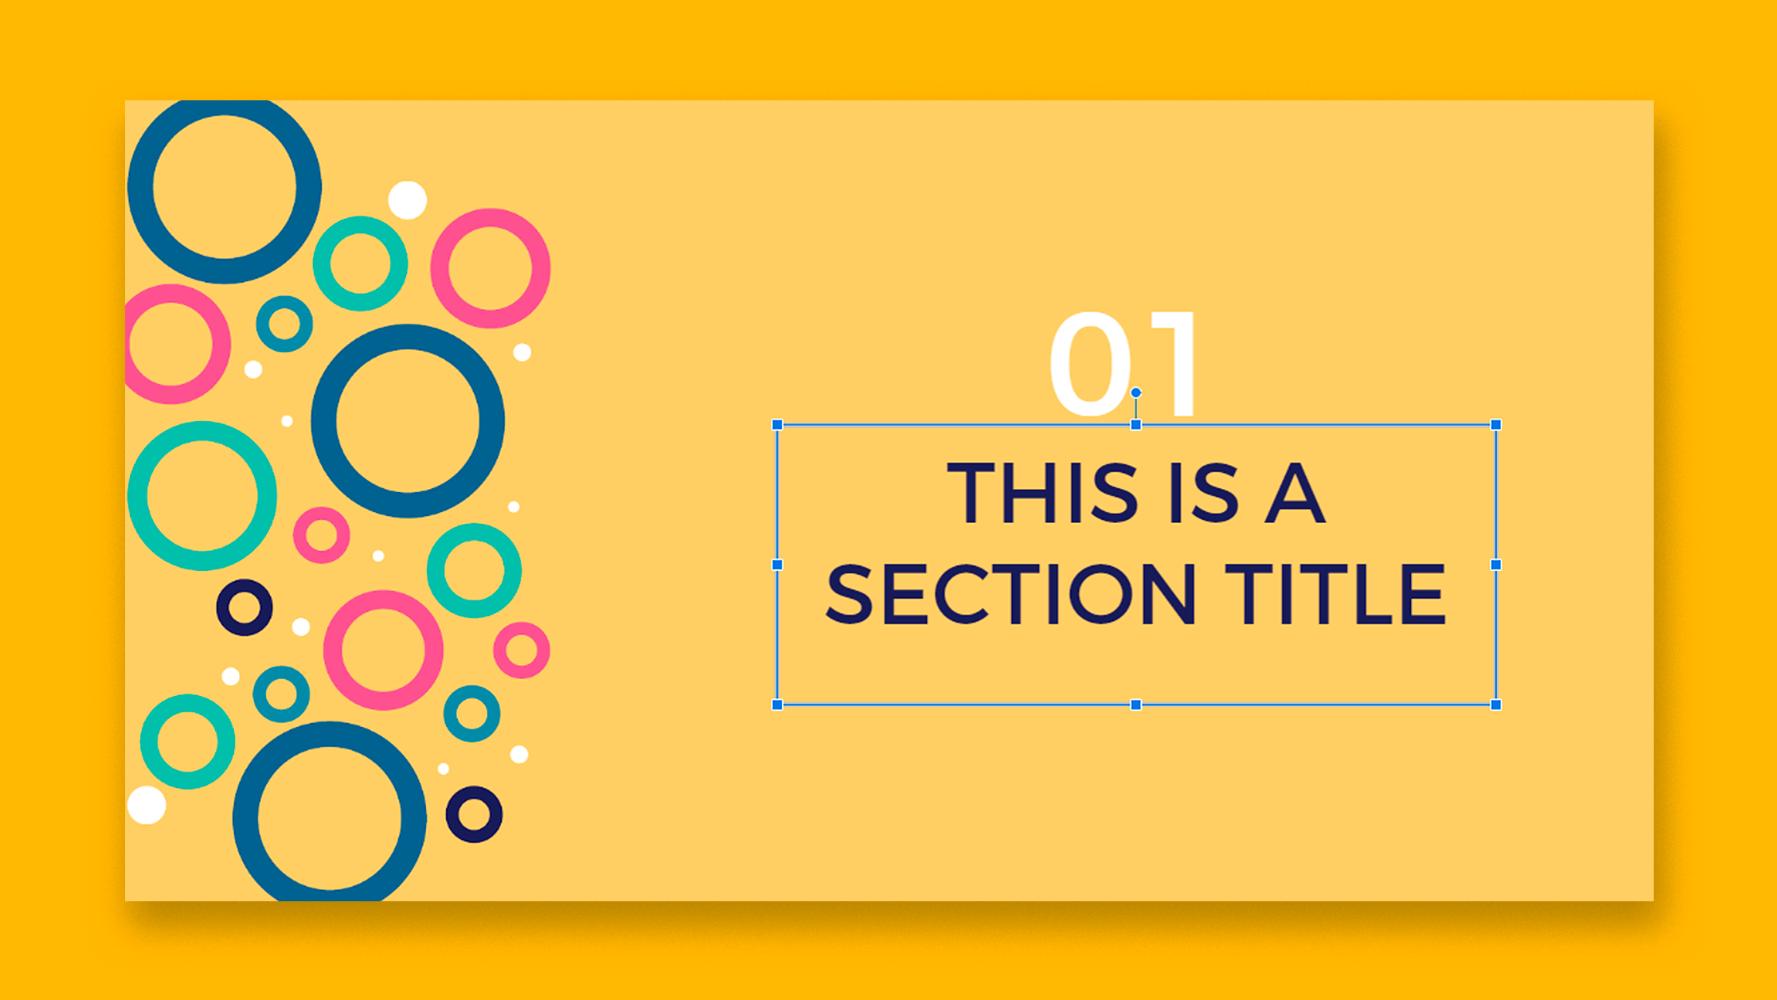 نحوه افزودن ، کپی و حذف جعبه های متنی در اسلایدهای Google |  نکات سریع و آموزش برای ارائه های خود